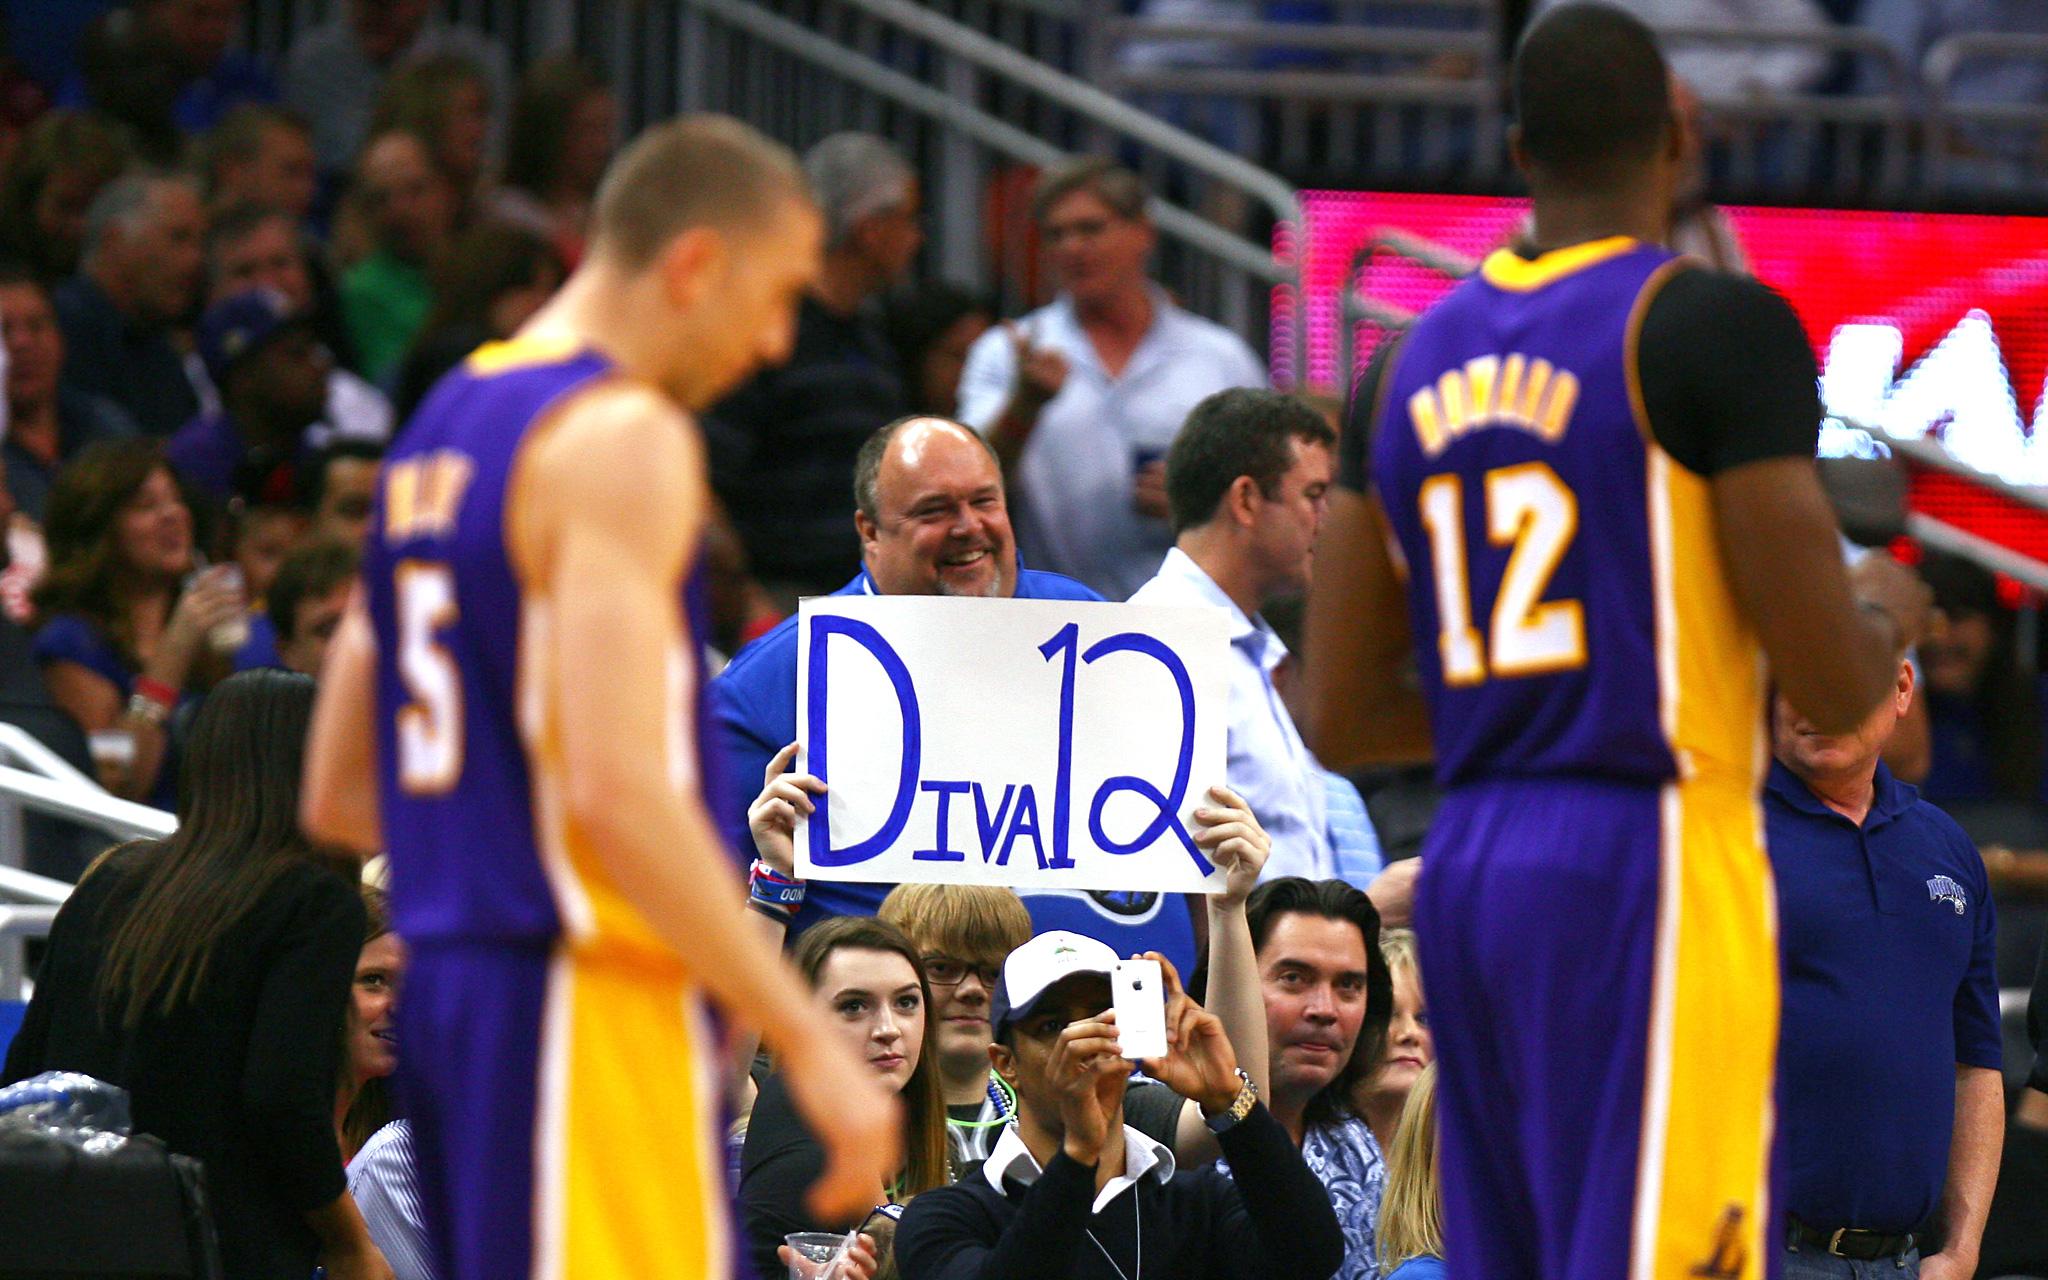 Fans taunt Howard